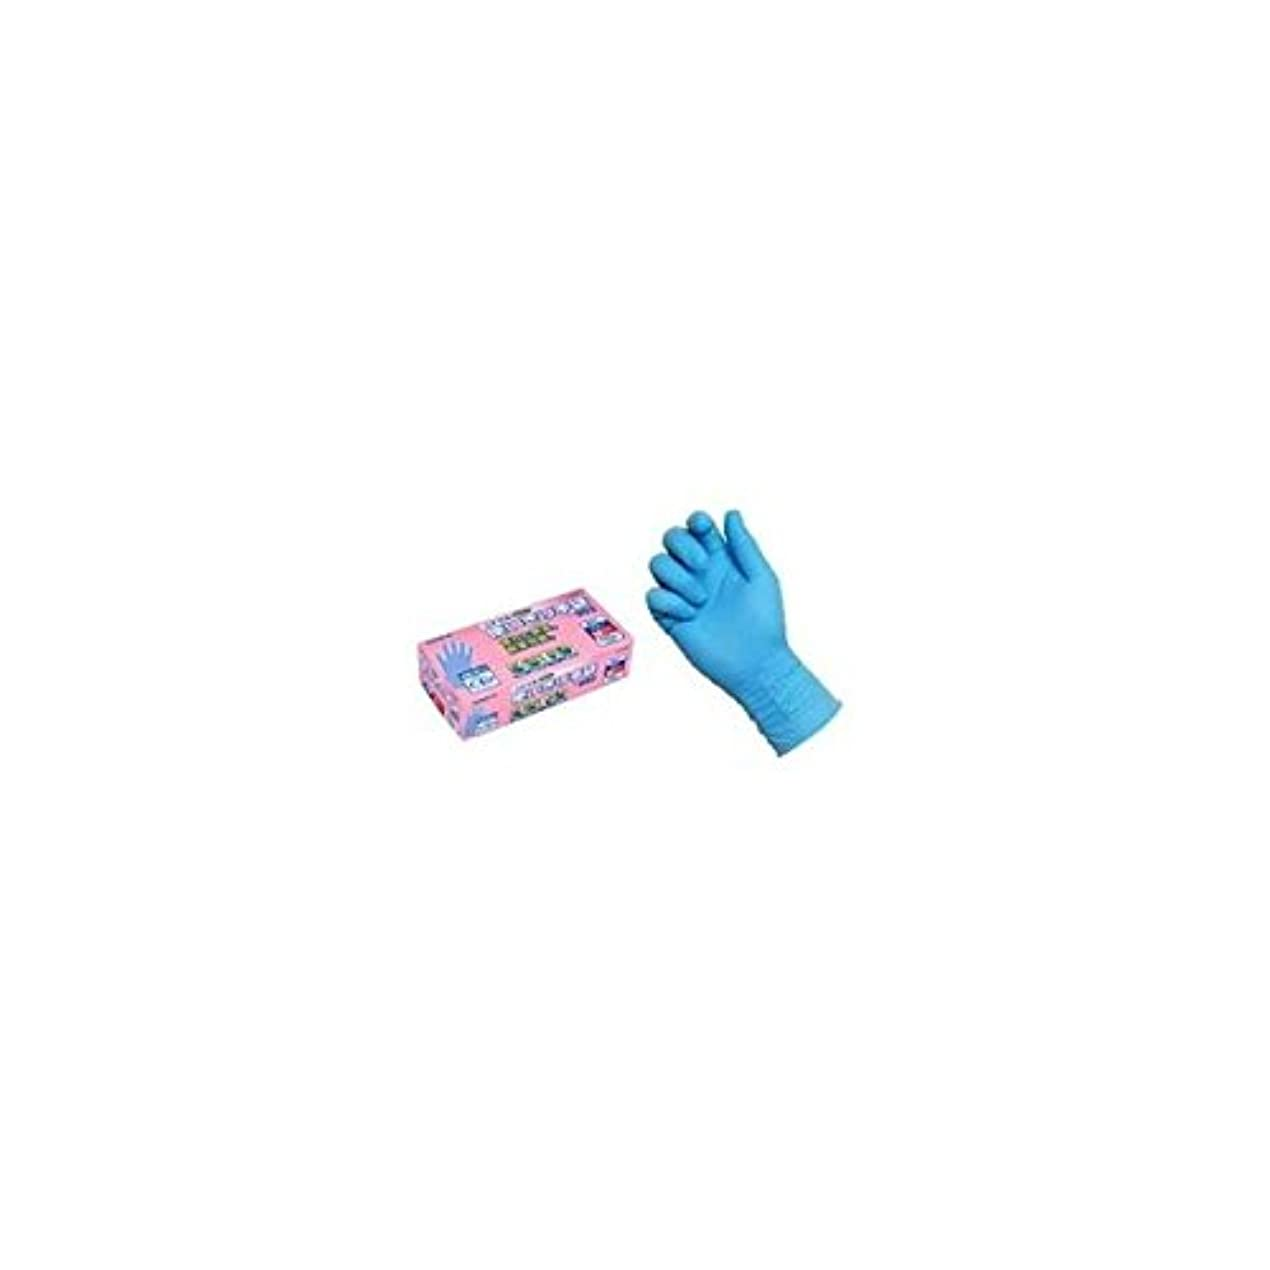 ペナルティマーカーラップニトリル使いきり手袋 PF NO.992 M ブルー エステー 【商品CD】ST4779